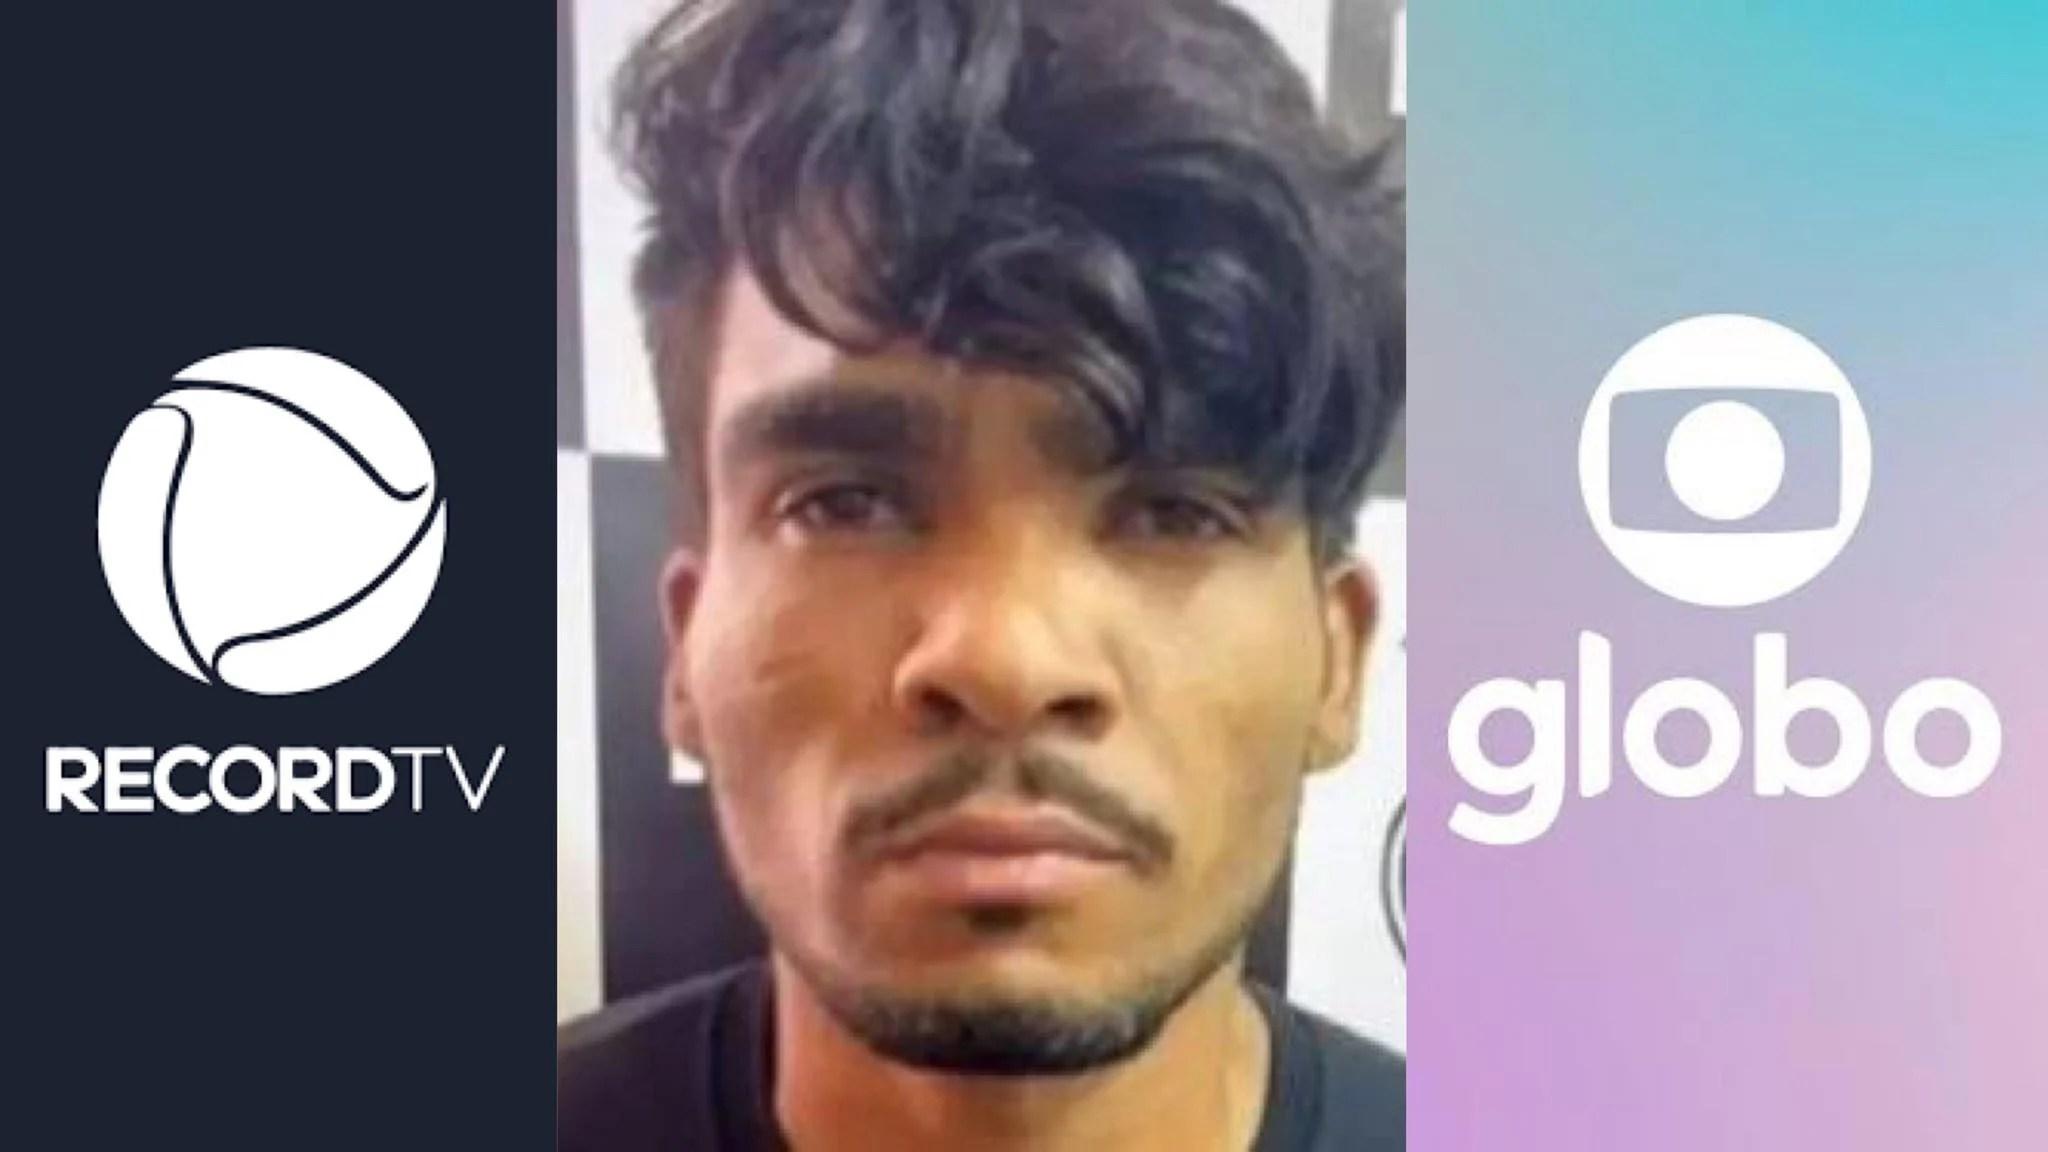 A morte de Lázaro faz a audiência da Record TV bater a Globo (montagem: Fashion Bubbles)